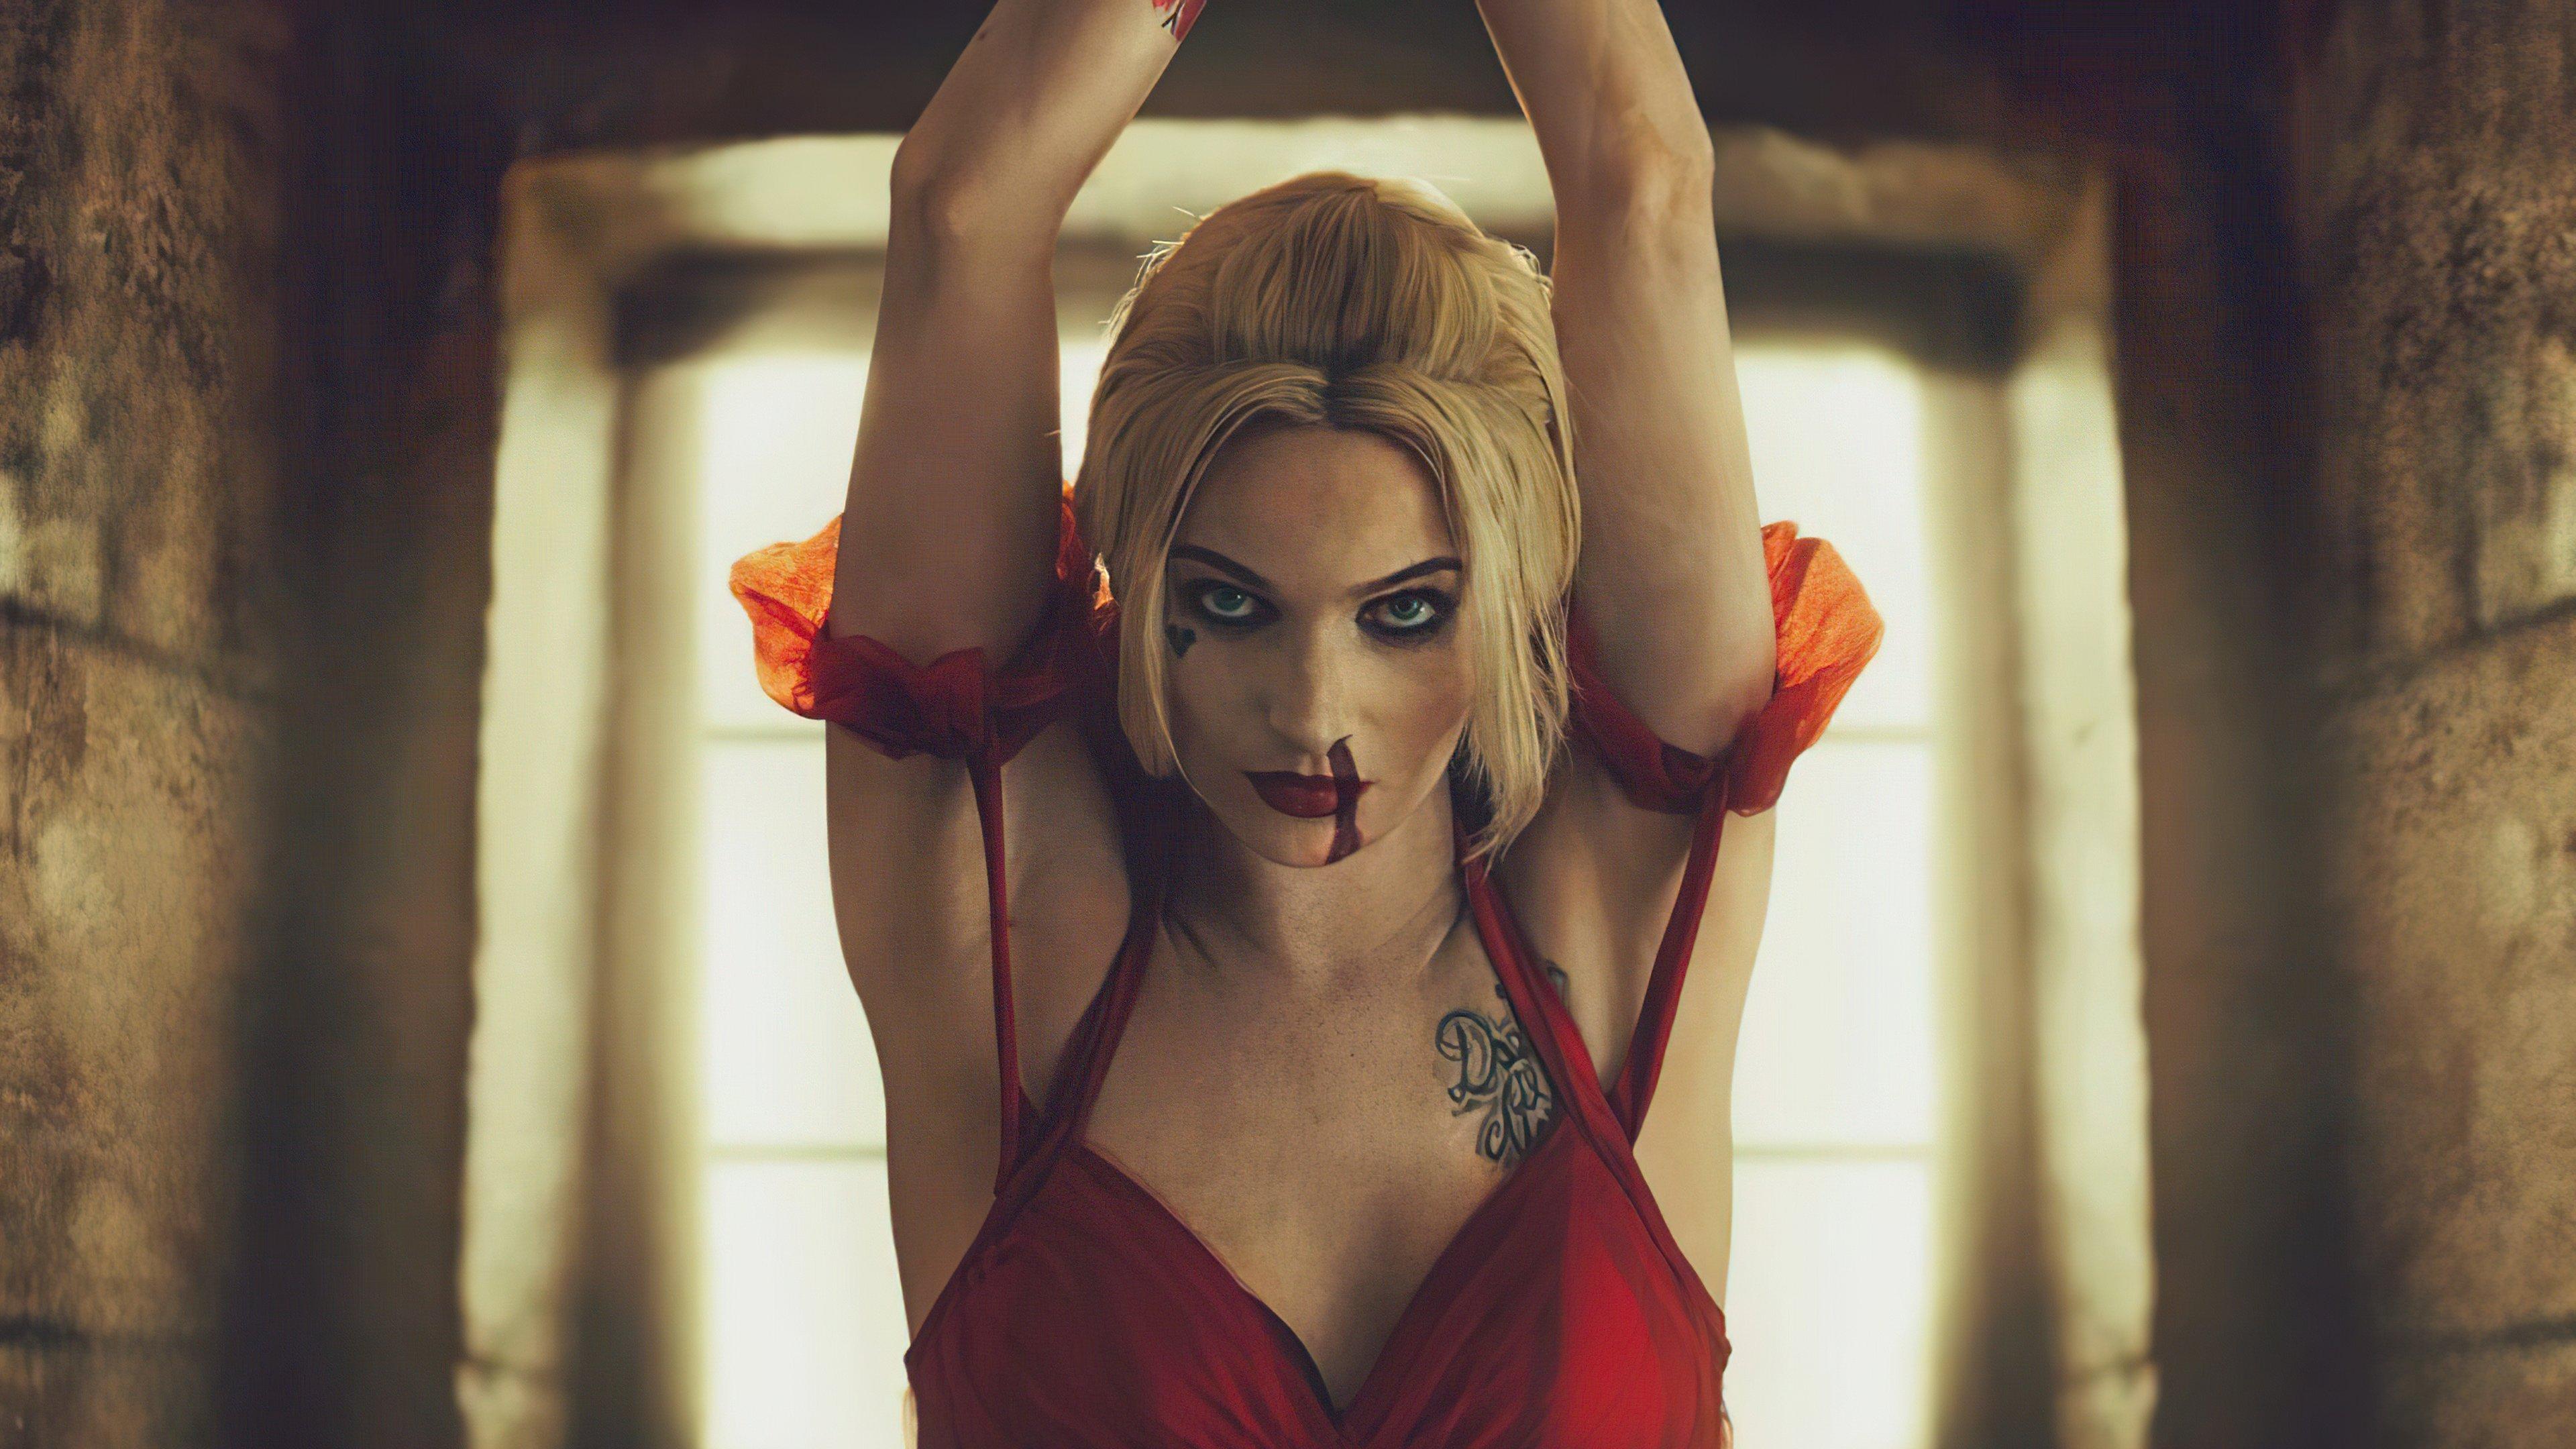 Fondos de pantalla Harley Quinn El escuadrón suicida Cosplay